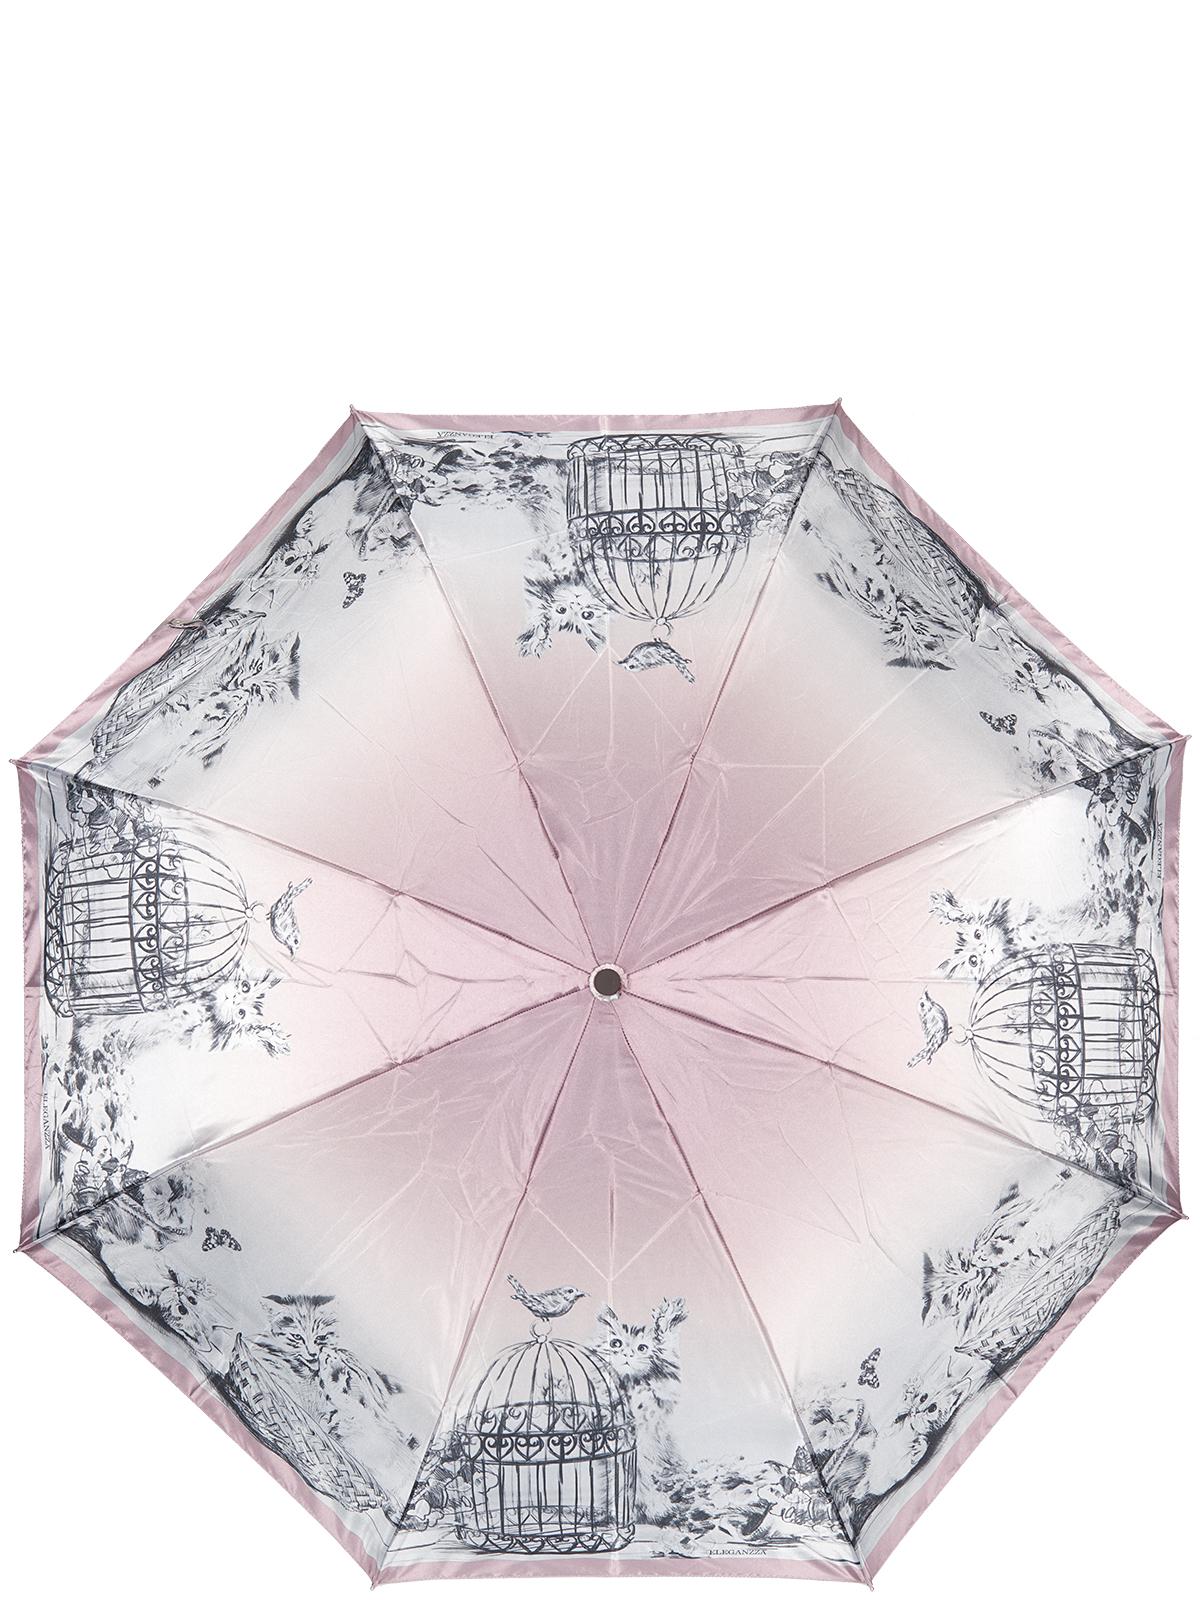 Зонт женский Eleganzza, цвет: розовый. A3-05-0326LSA3-05-0326LSЖенский зонт-автомат торговой марки Eleganzza с каркасом Smart, который позволяет без особых усилий складывать зонт, не позволяя стержню вылетать обратно. Купол: 100% полиэстер, сатин. Материал каркаса: сталь + фибергласс. Материал ручки: пластик. Длина изделия - 30 см. Диаметр купола - 105 см. Система Smart, не позволяет стержню при сложении вылететь обратно, это облегчает сложение зонта! При сложении есть характерный звук-треск, как трещетка. Примечание: зонт не откроется с кнопки если его не закрыть до щелчка.